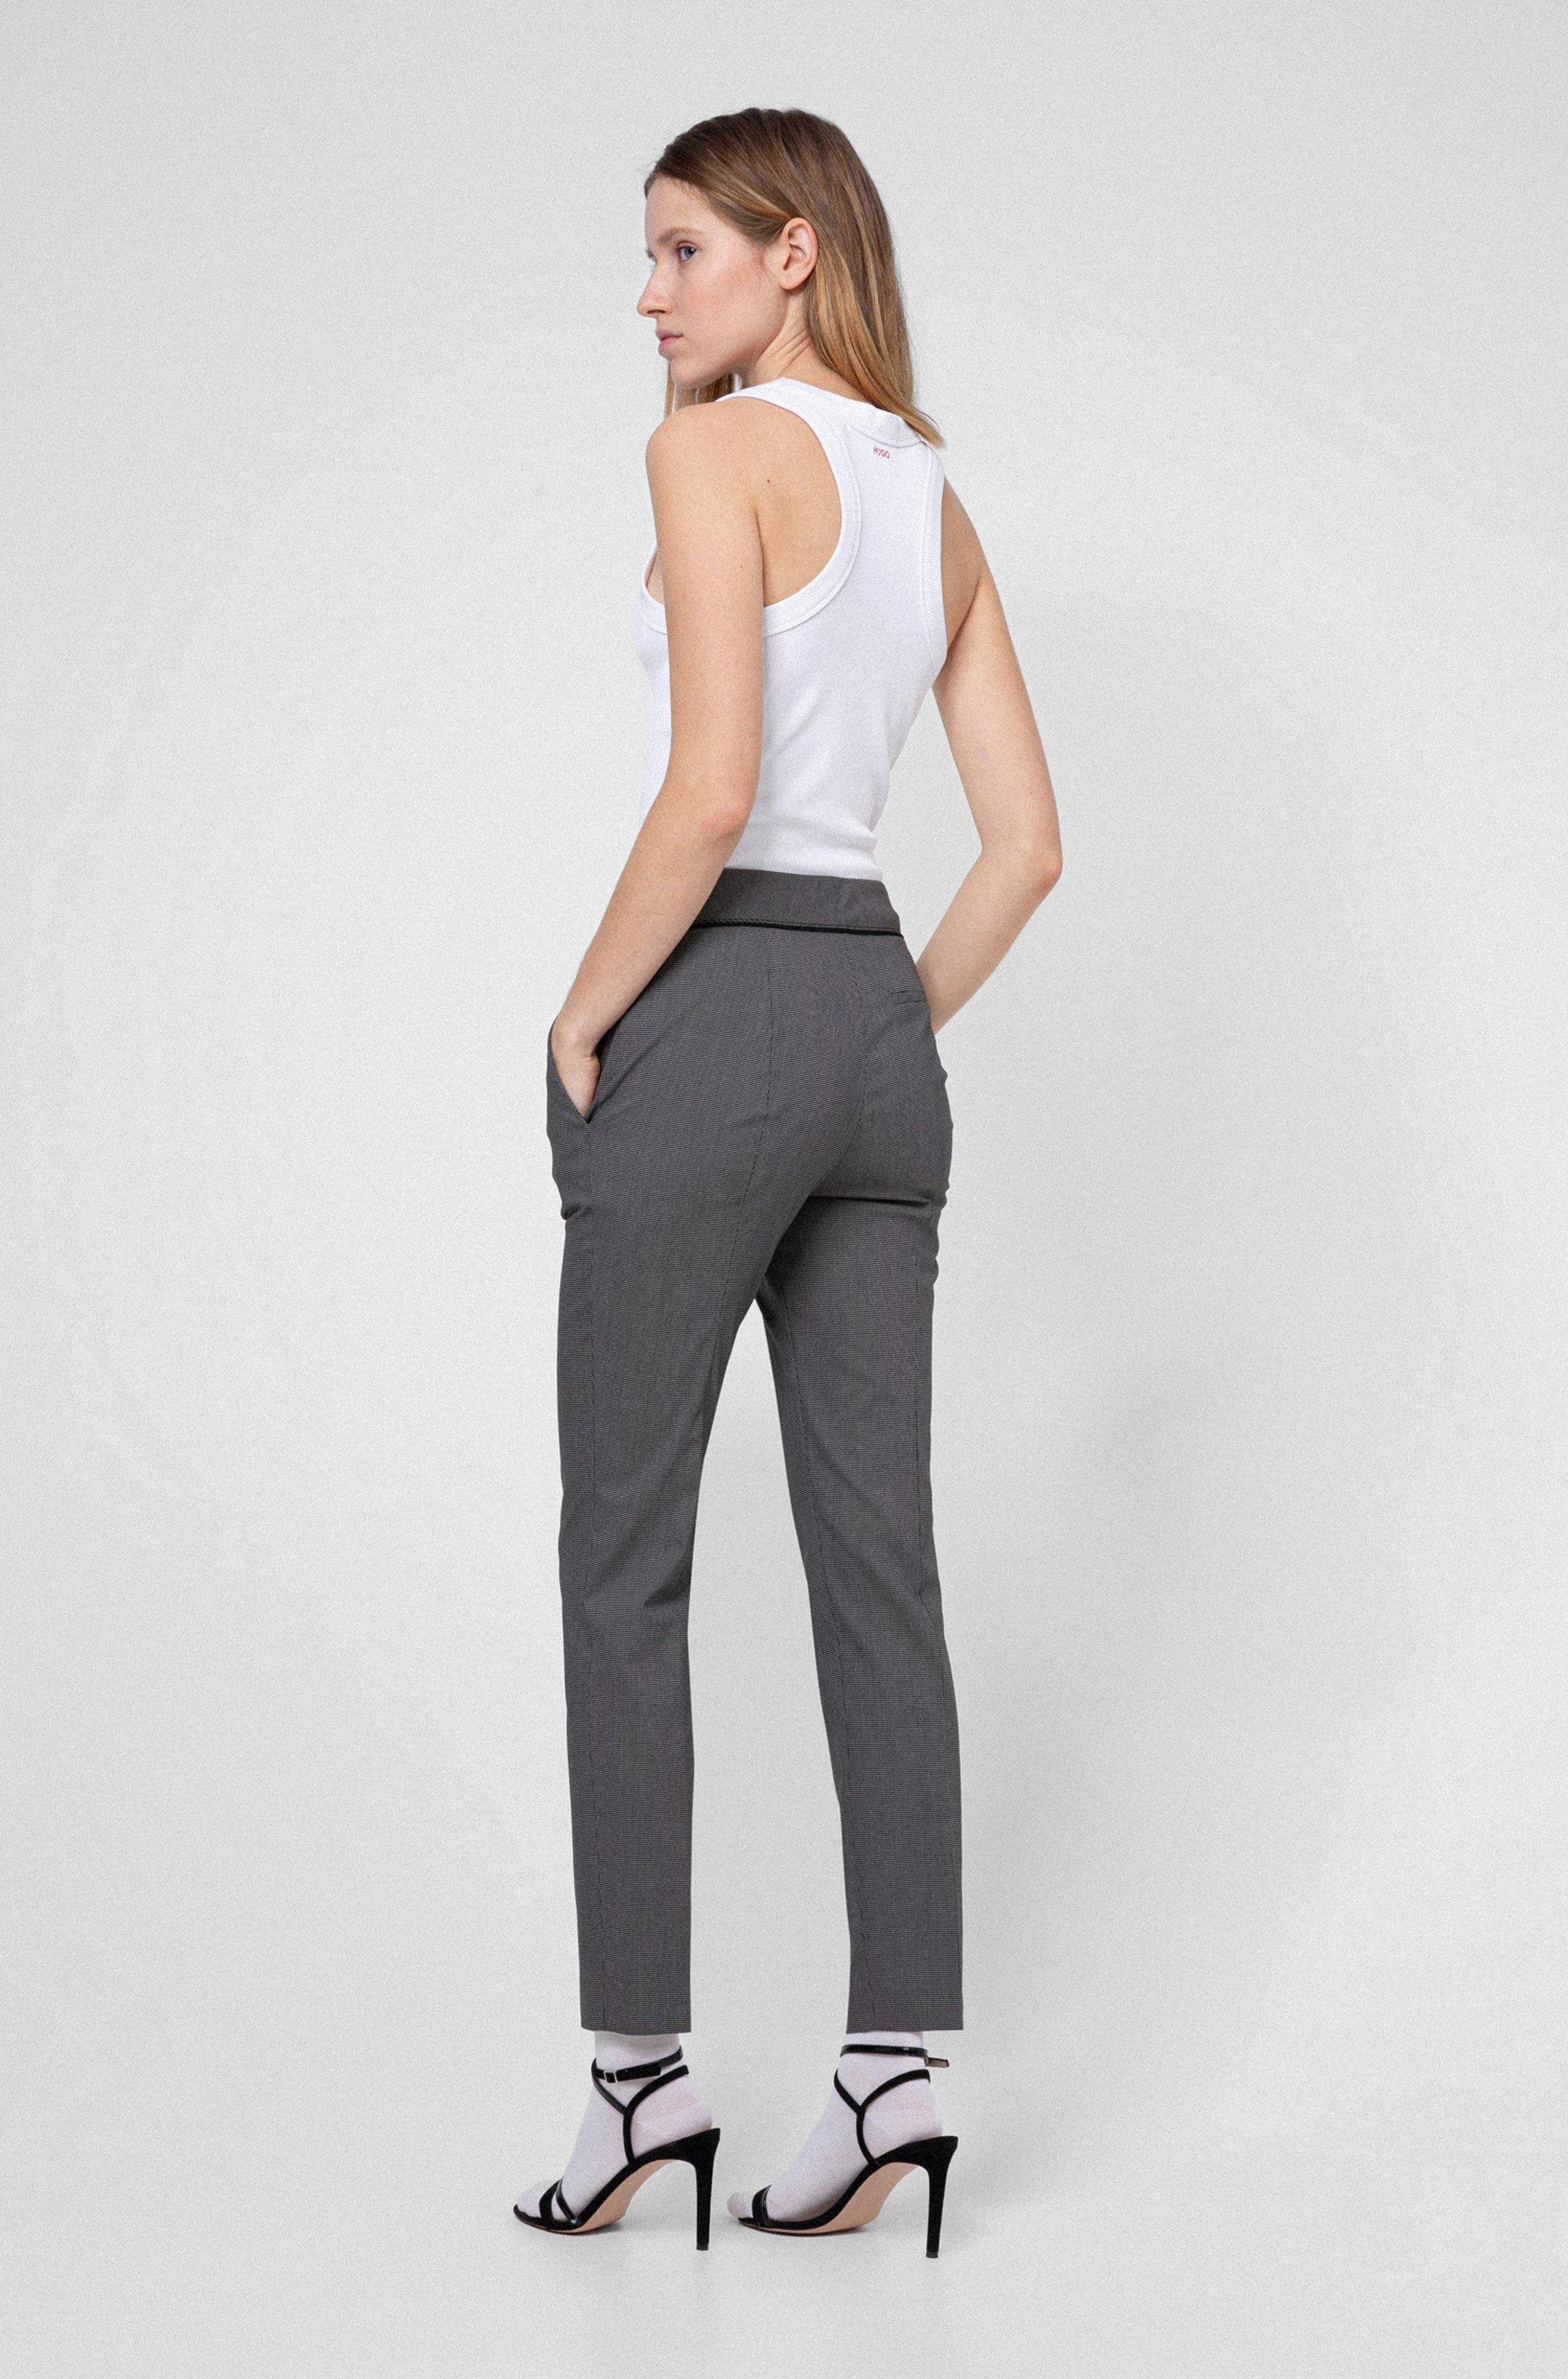 Kortere broek met smalle pijpen, van een katoenmix met dessin